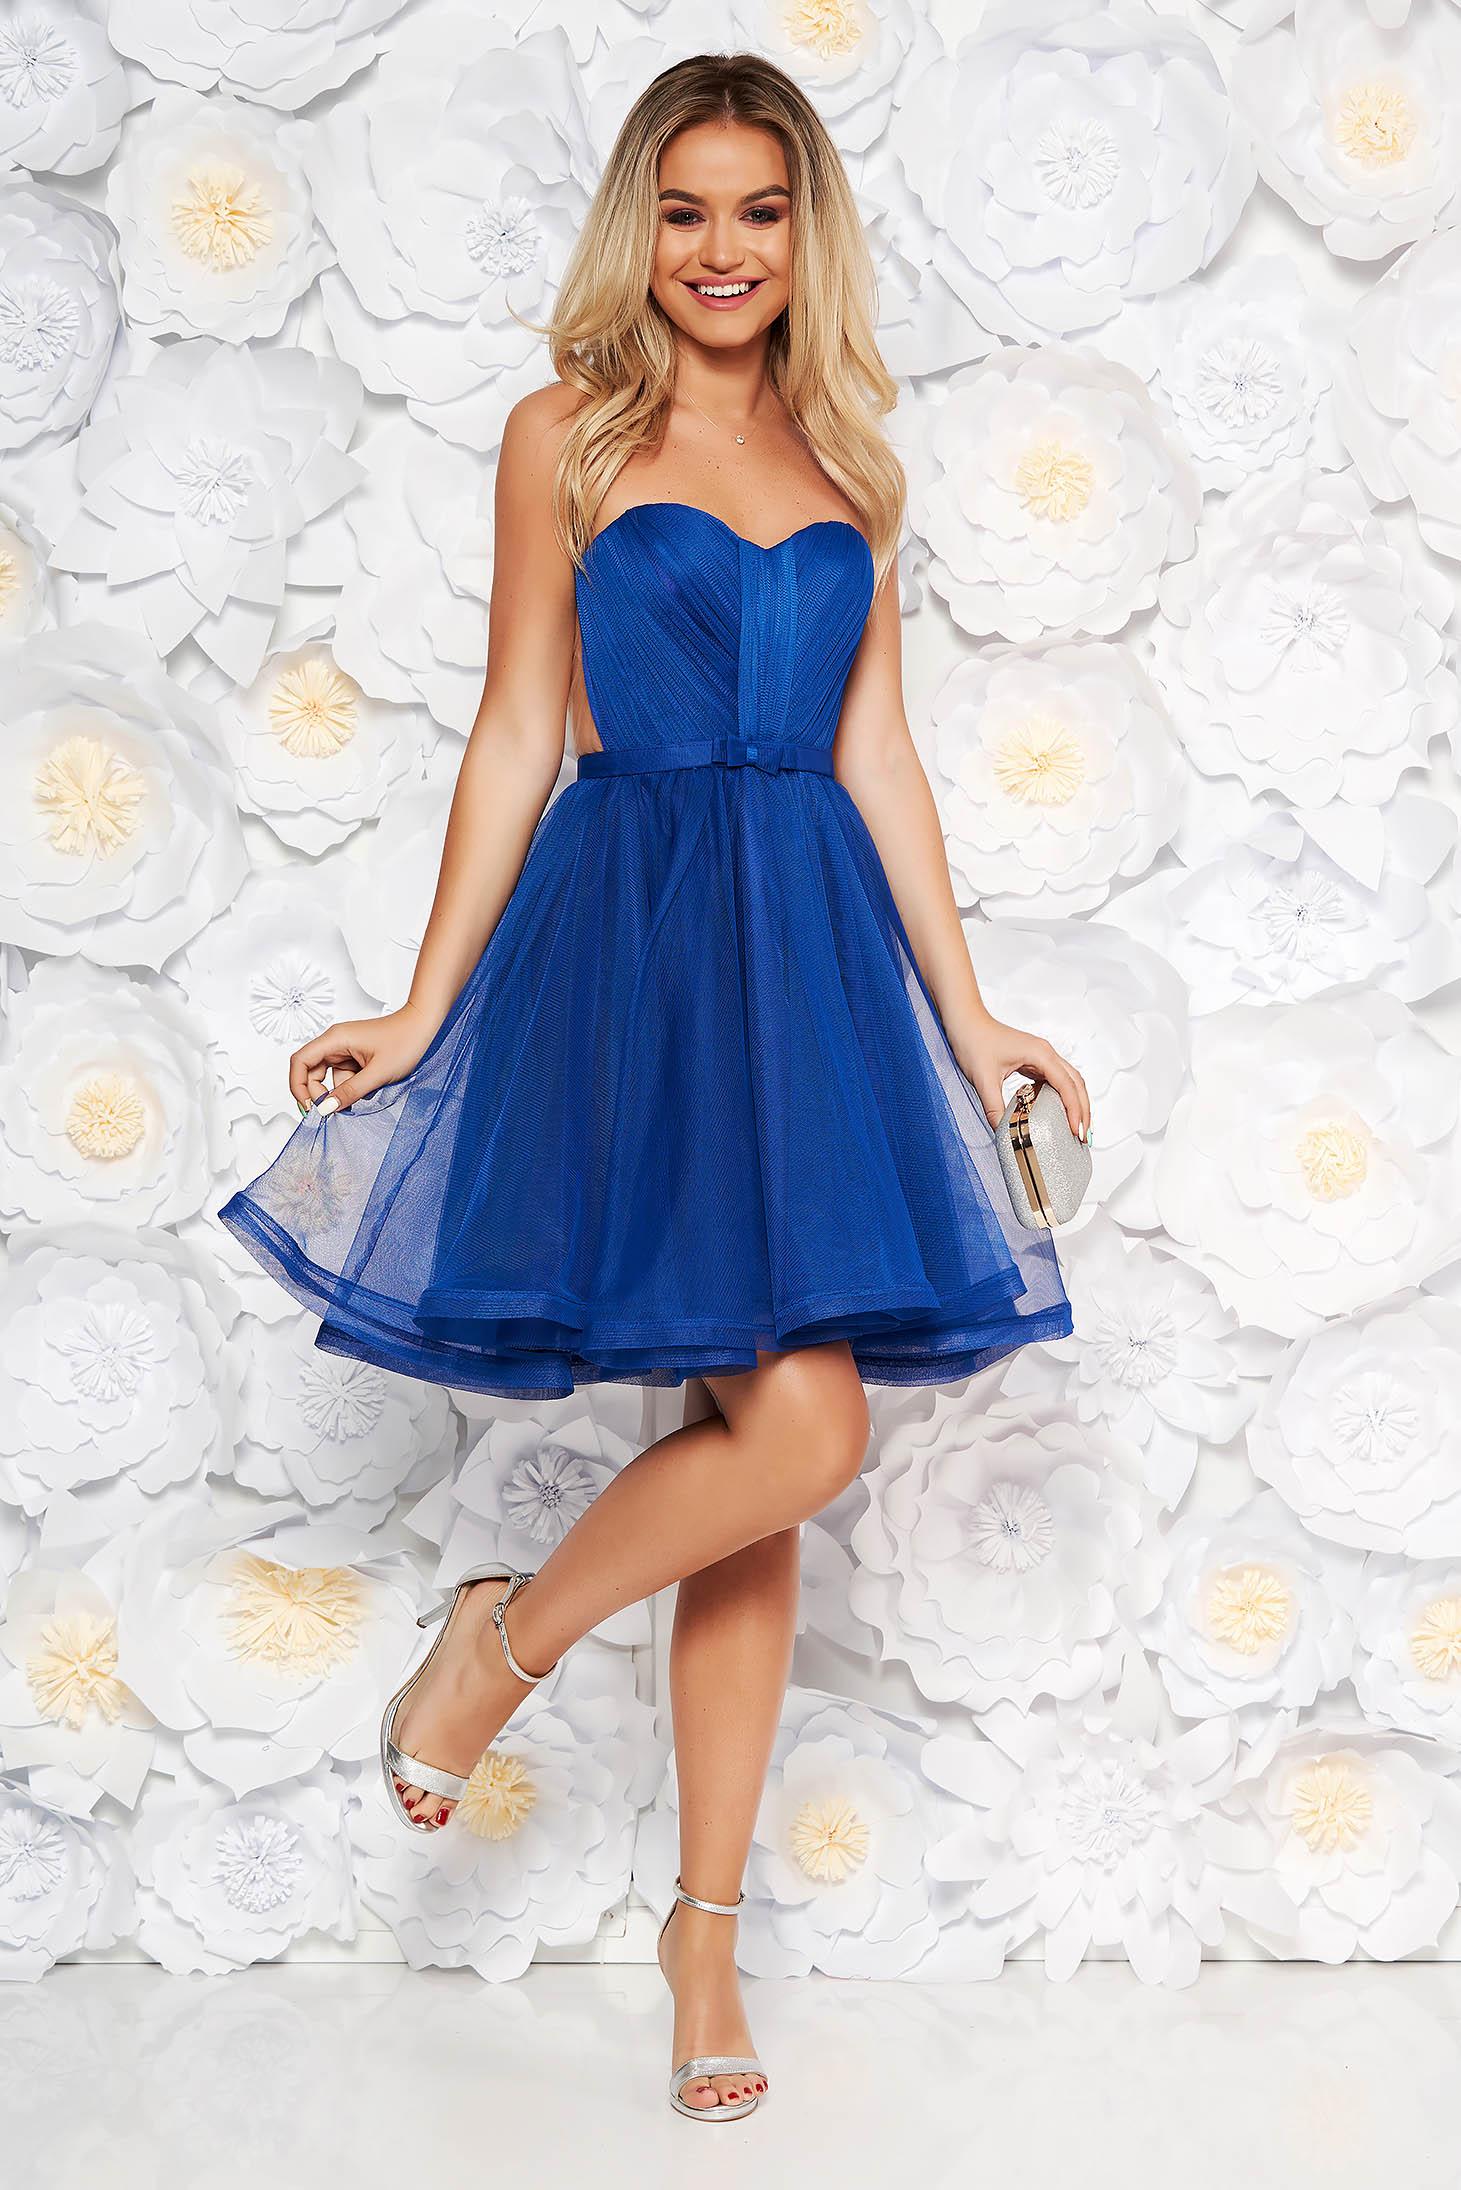 Rochie Ana Radu albastra de lux tip corset din tul captusita pe interior cu bust buretat accesorizata cu cordon